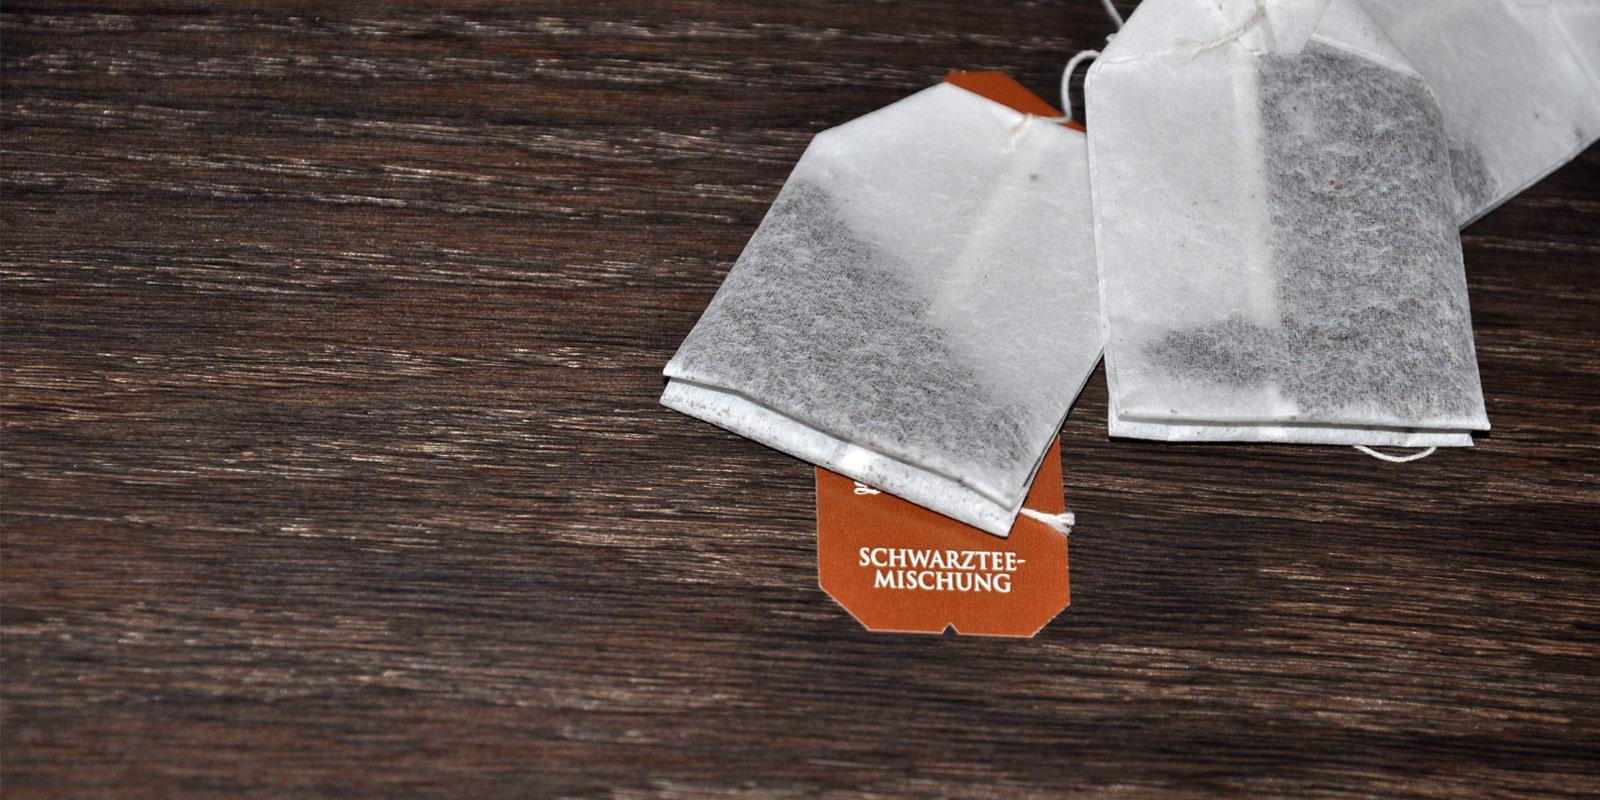 Schwarzer Tee zu Pflege von dunklen Holzmöbel